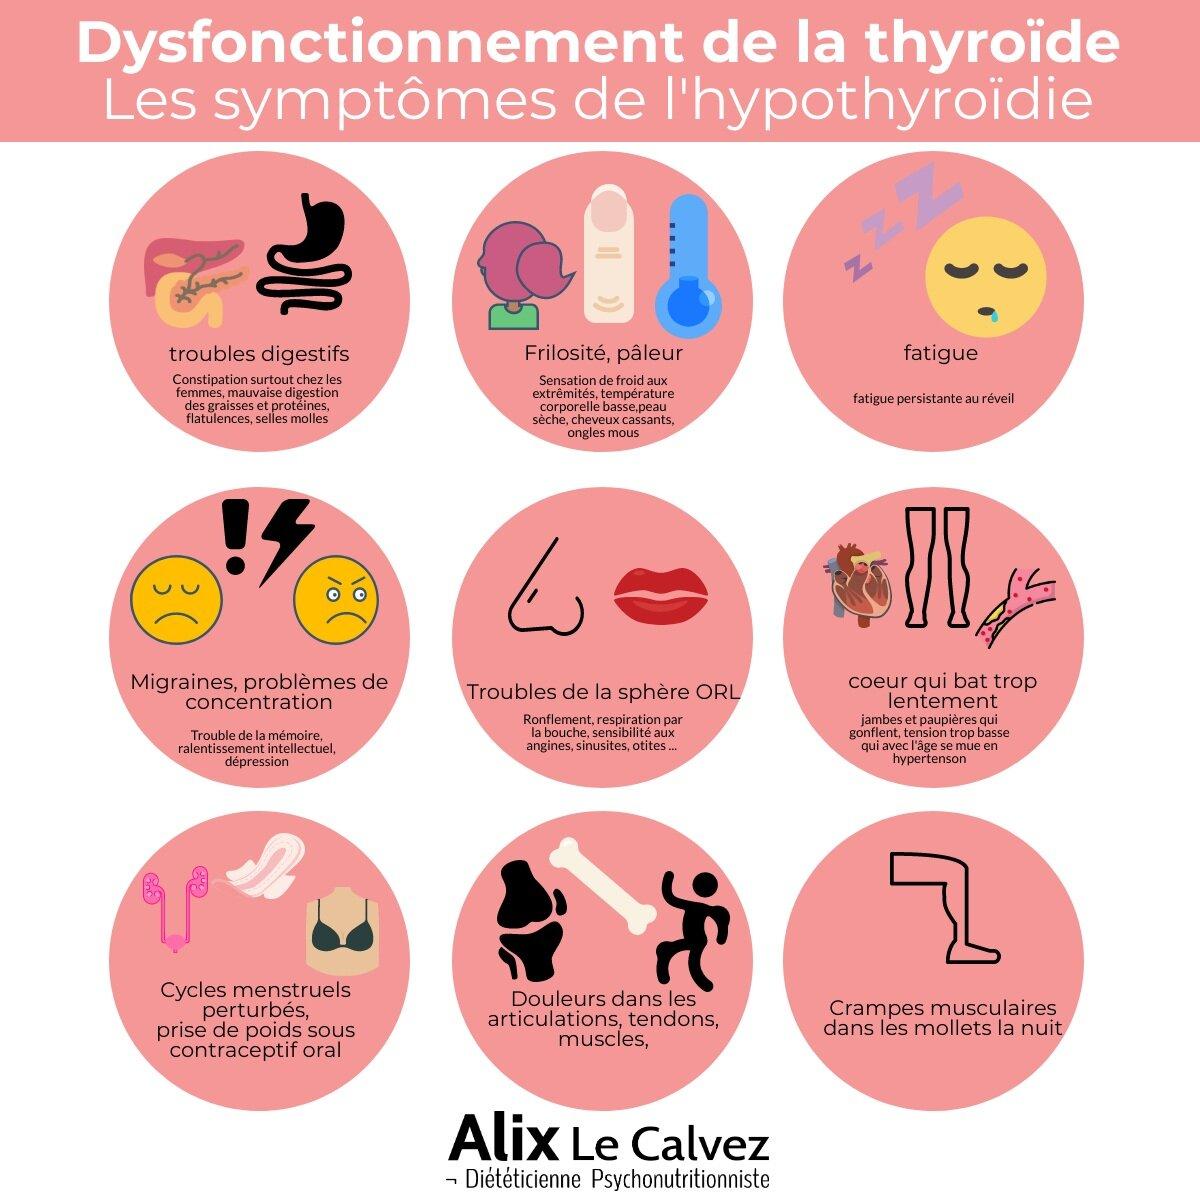 Les dysfonctionnements de la thyroïde